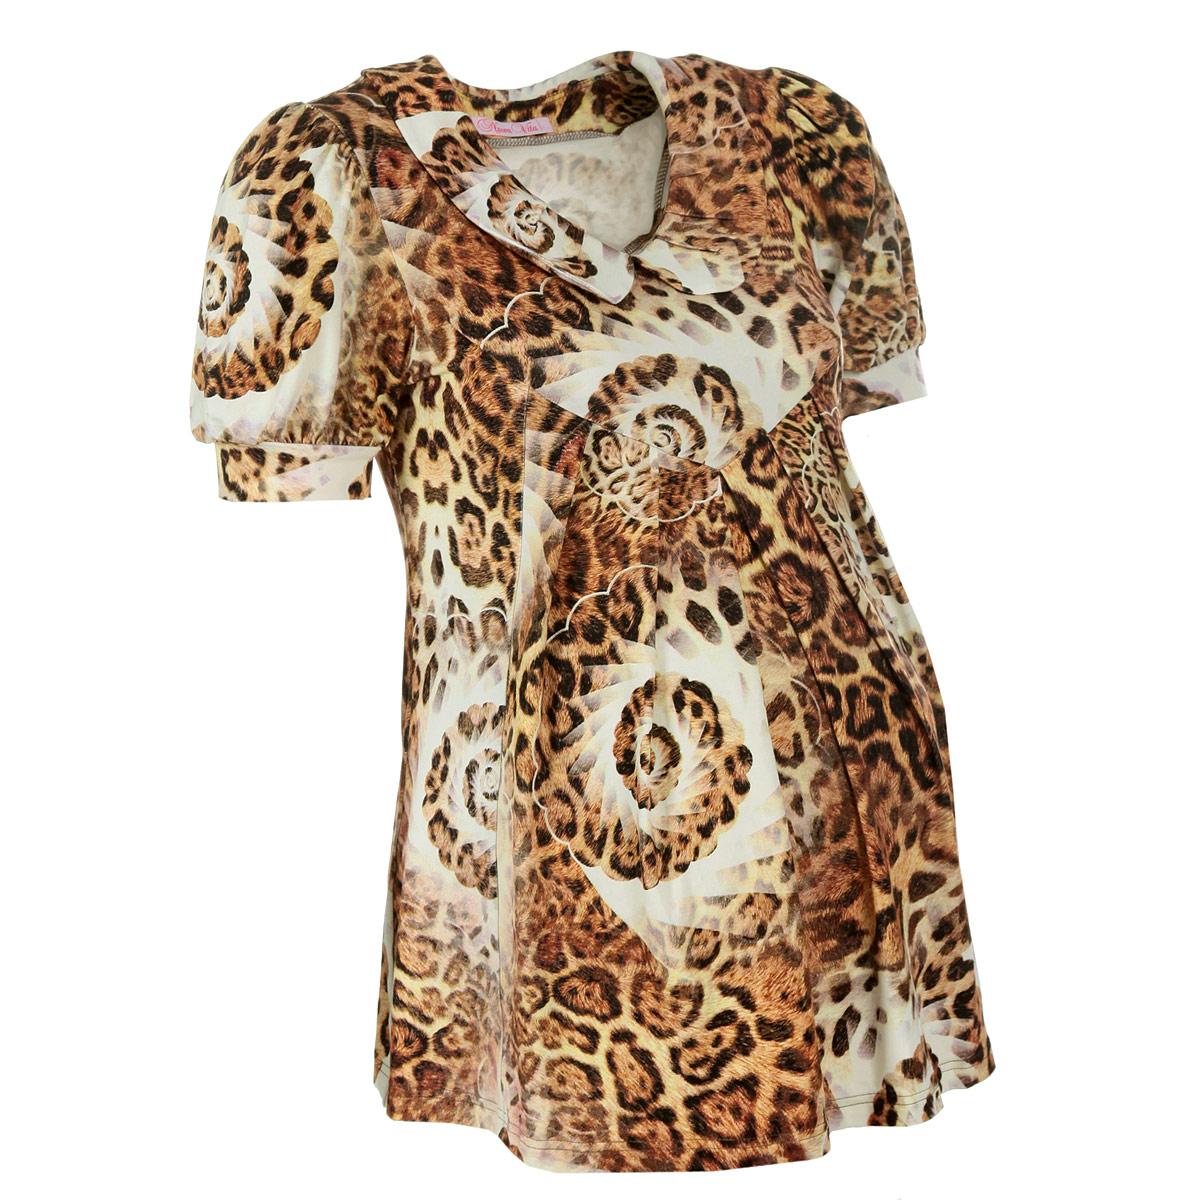 Блуза для беременных Nuova Vita, цвет: леопардовый. 1314.1. Размер 42 (42/44)1314.1Женственная, изящная блуза для будущих мам Nuova Vita, изготовленная из эластичной вискозы, прекрасно подойдет на любом сроке беременности. Покрой модели прост, но при этом элегантен.Данная модель с короткими рукавами-фонариками и отложным воротничком не только идеально сидит на любой фигуре, но и, благодаря леопардовому принту, всегда в моде.Вискоза является волокном, произведенным из натурального материала - целлюлозы (древесины). Иногда ее называют древесный шелк. Эта ткань на ощупь мягкая и приятная, образует красивые складки. Материал очень хорошо впитывает влагу, не образует катышек со временем, не выцветает на солнце и обладает приятным шелковистым блеском. Такая блуза очень женственно смотрятся на фигуре с округлым животиком будущей мамы и, за счет удачного кроя, ее можно носить и после периода беременности. Она прекрасно сочетается с бриджами, леггинсами, капри, шортами и длинными брюками, с джинсами, а также с некоторыми фасонами юбок.